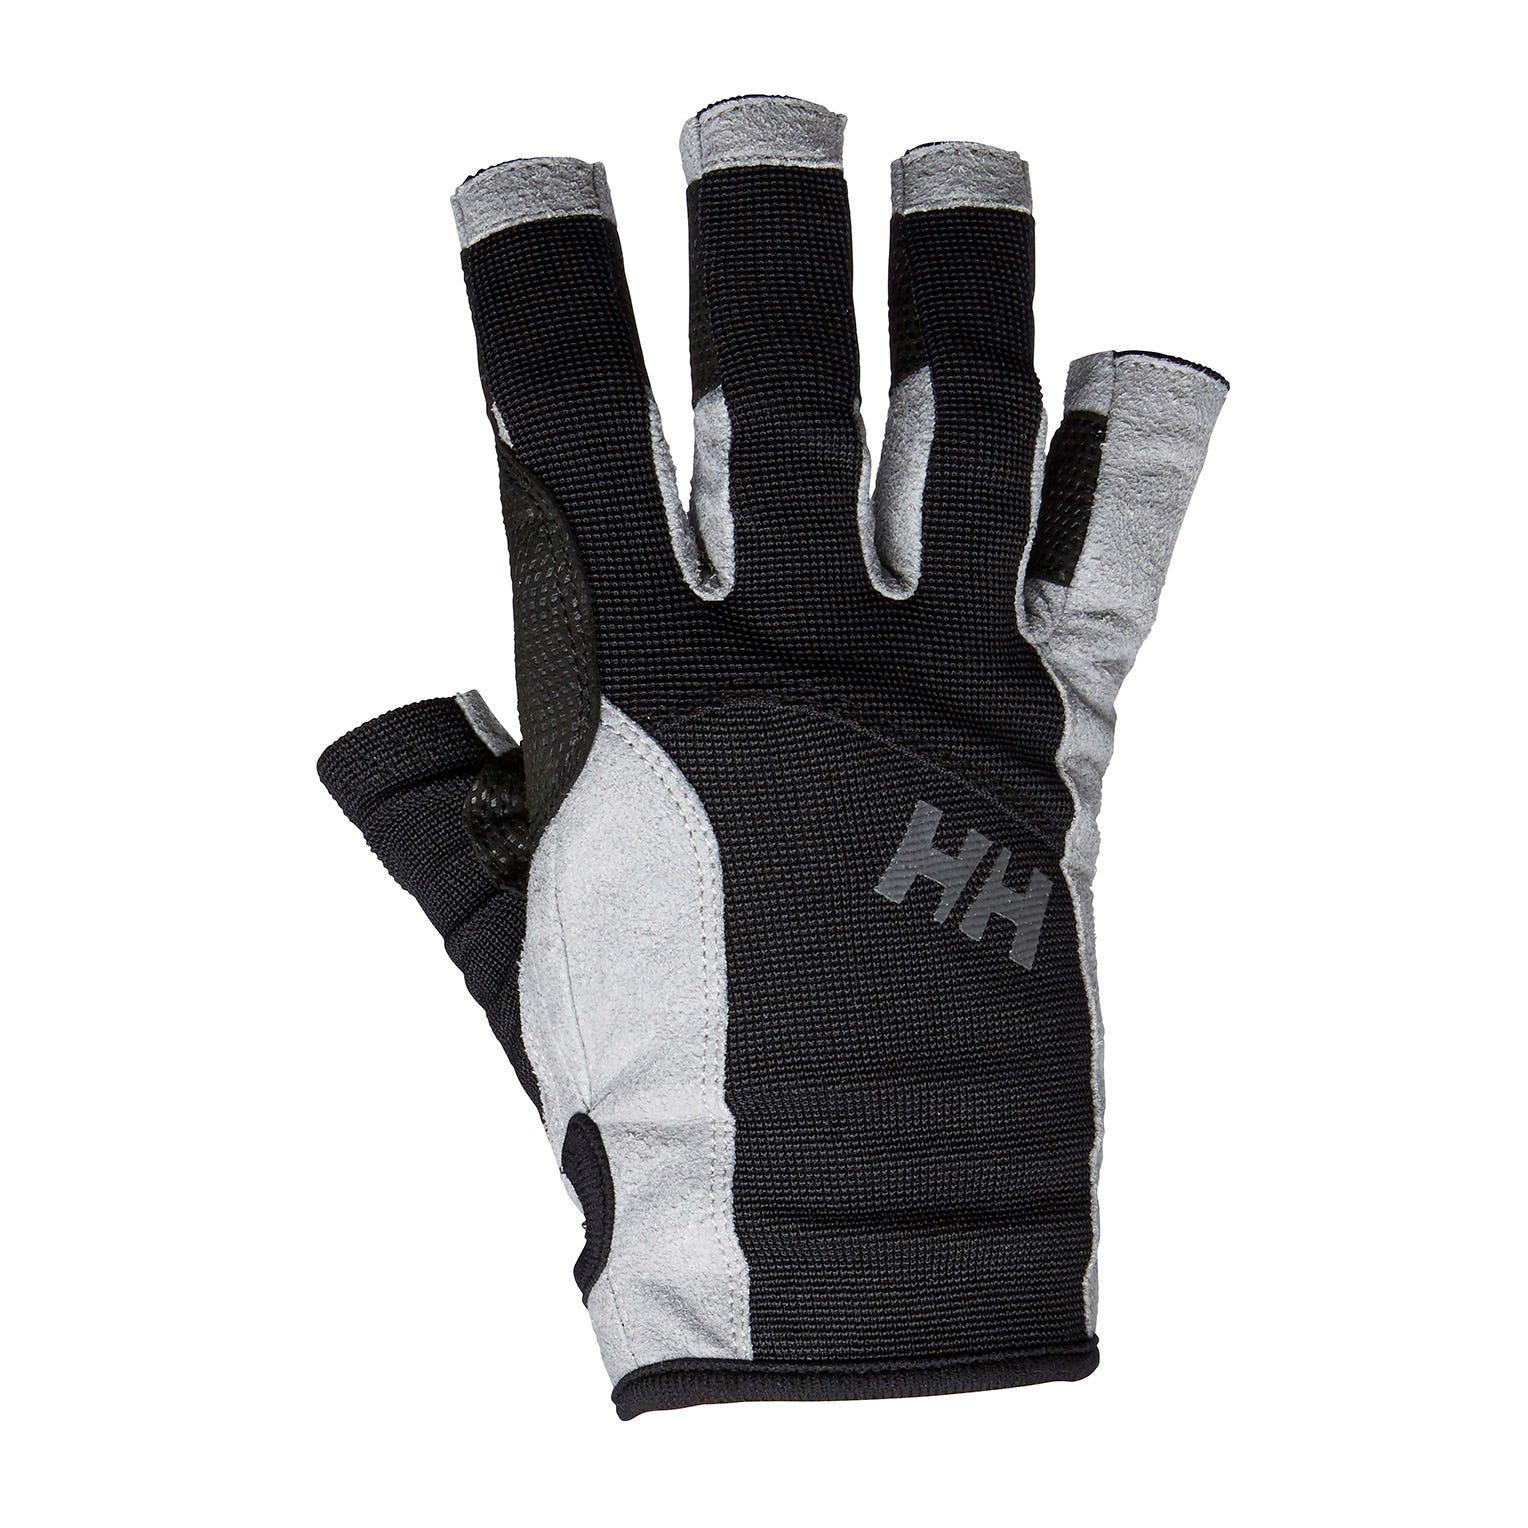 Helly Hansen Sailing Glove Short Black S